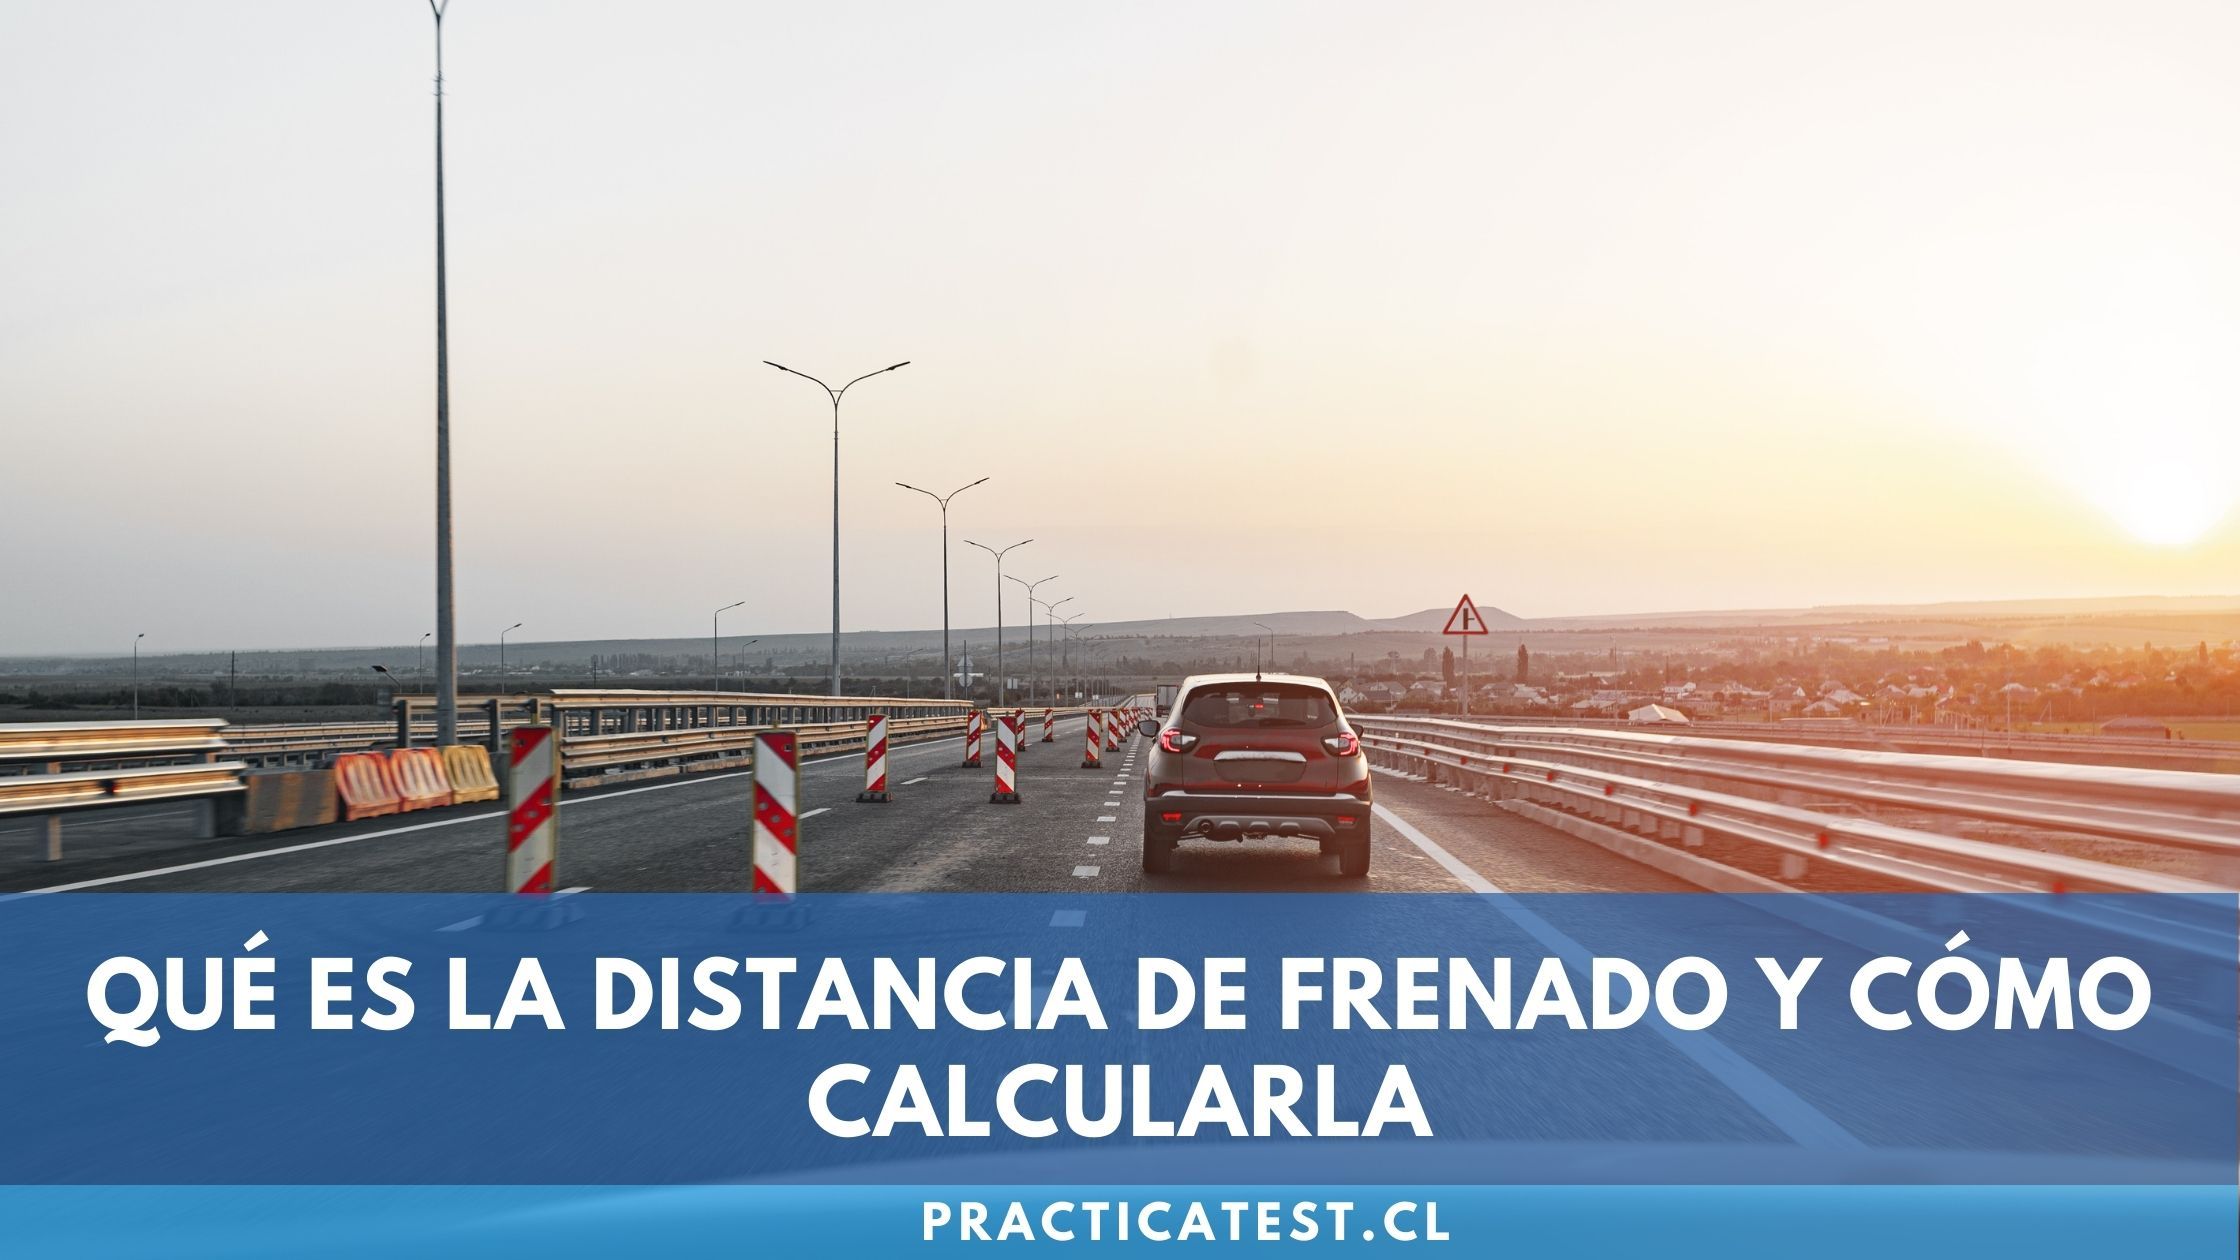 Factores que afectan a la distancia de detención del auto y cómo puedes calcularla